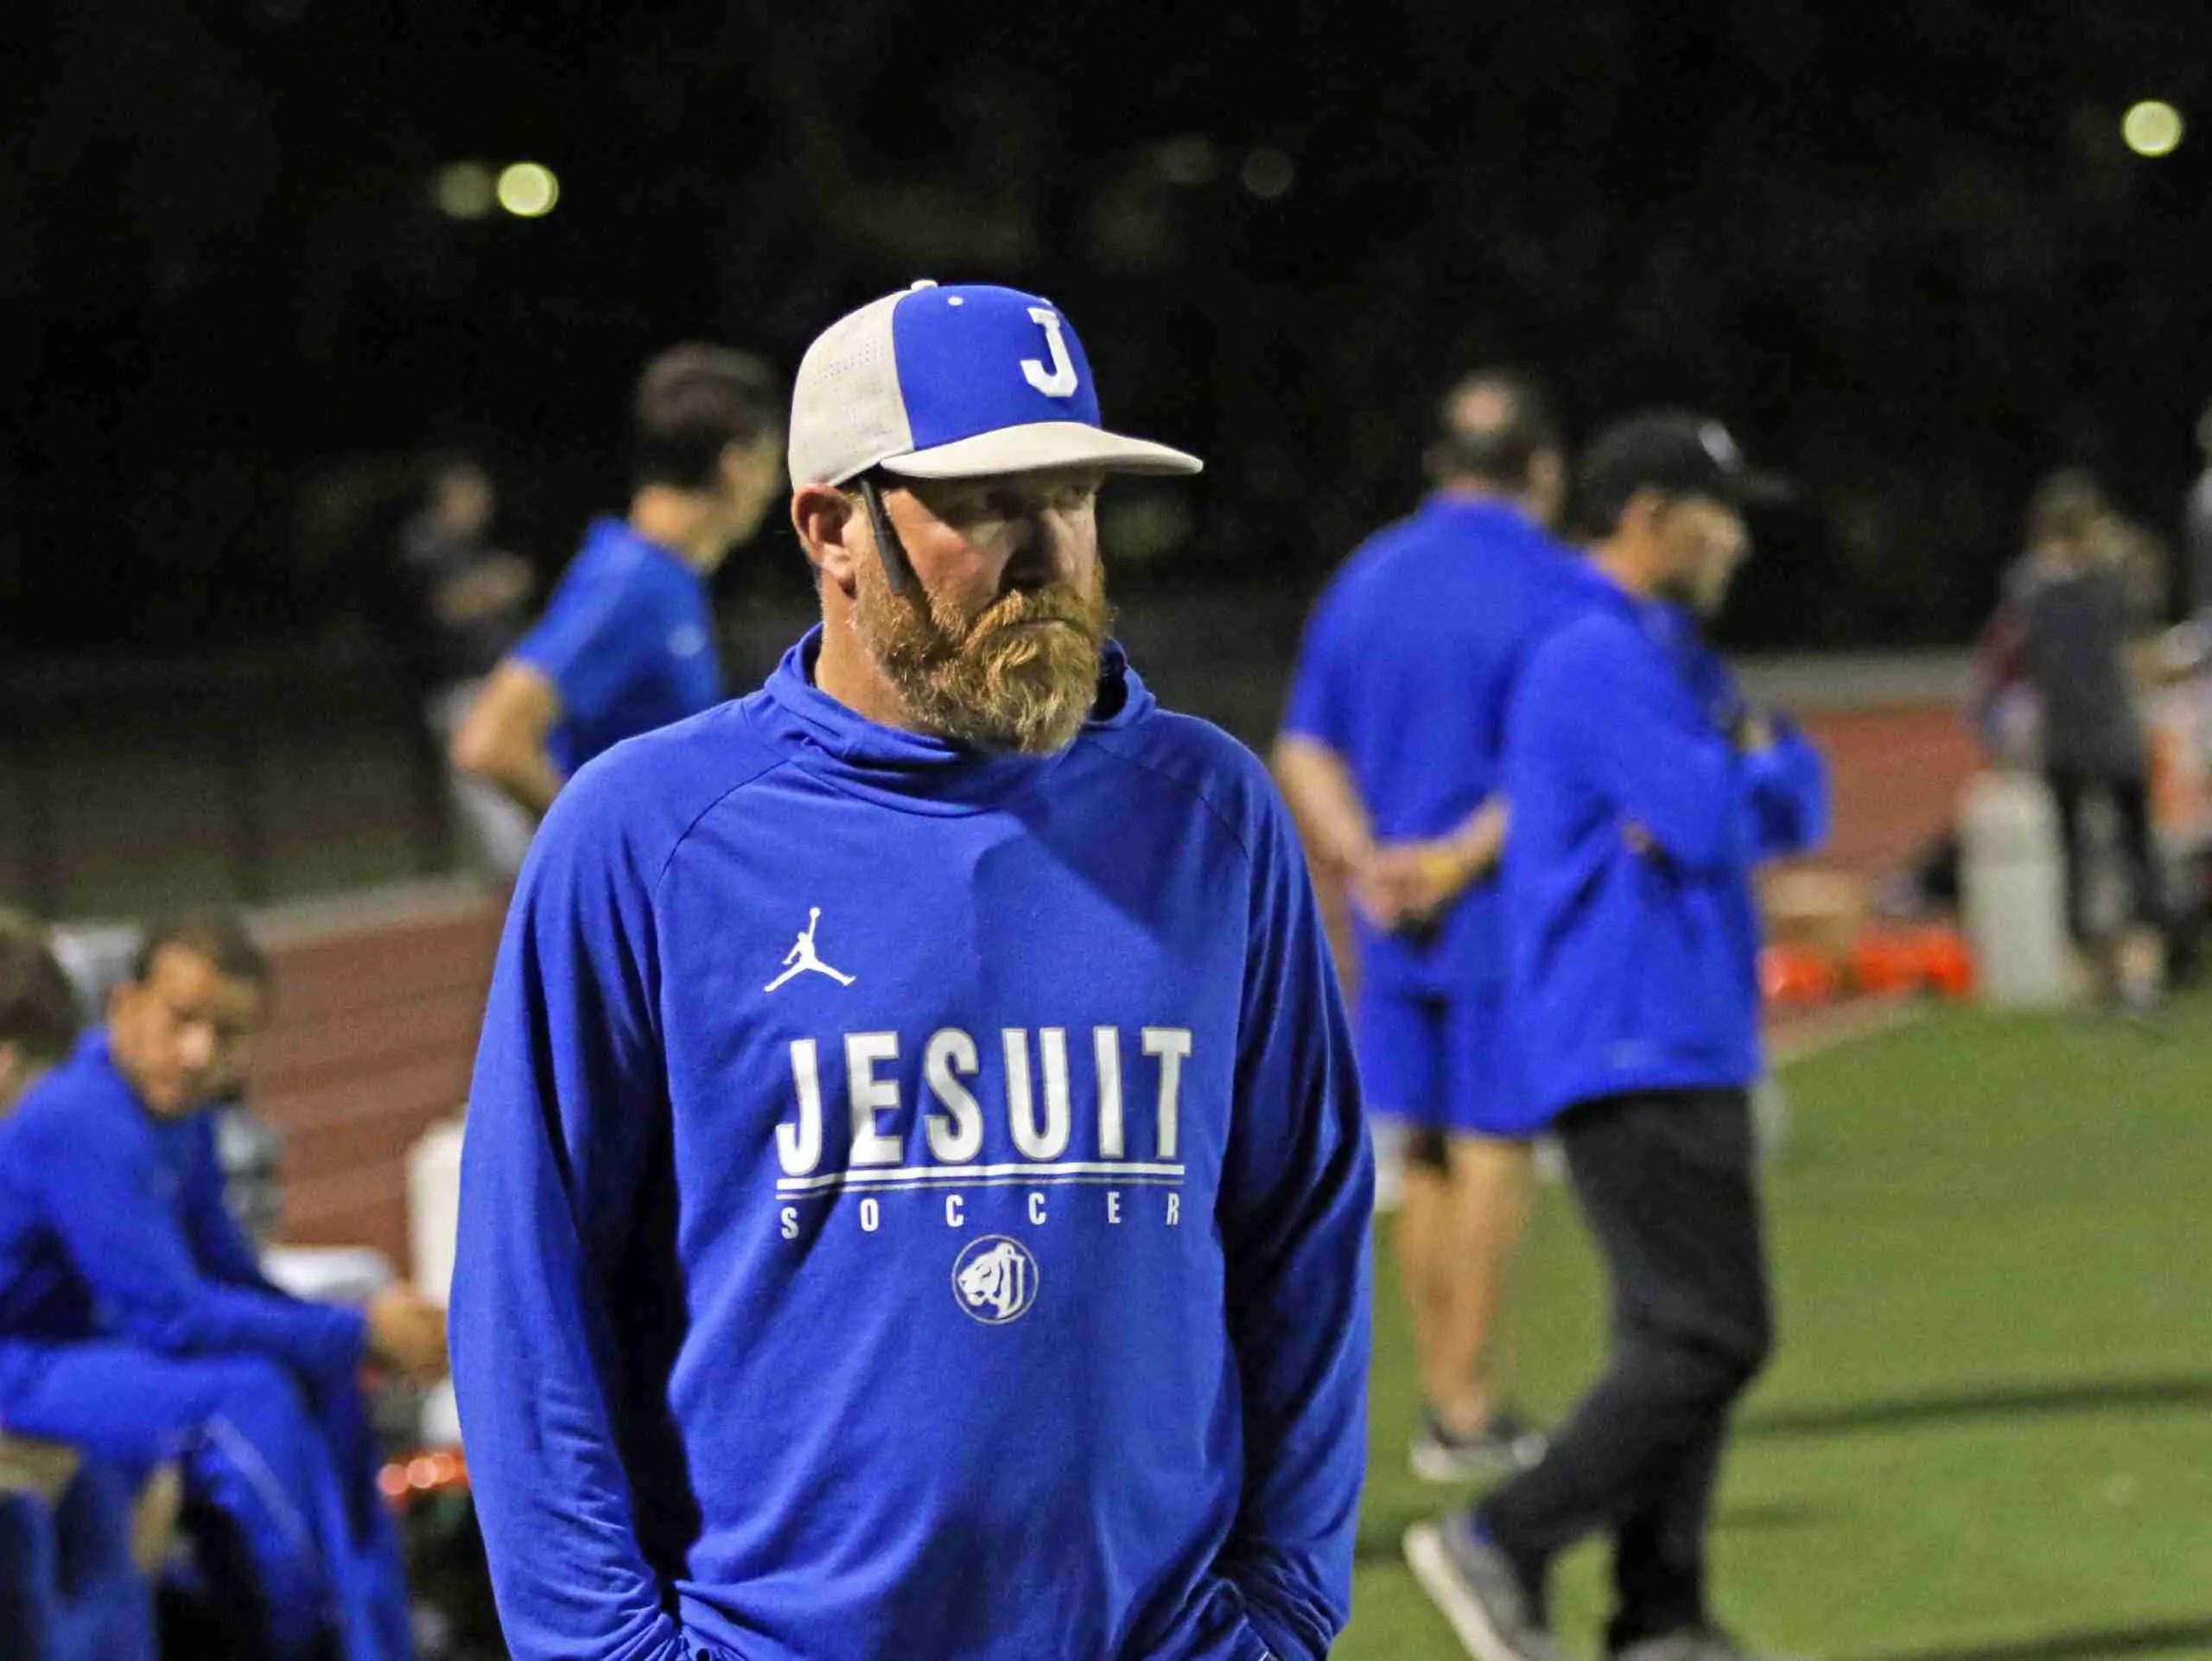 Jesuit's Eric Sims